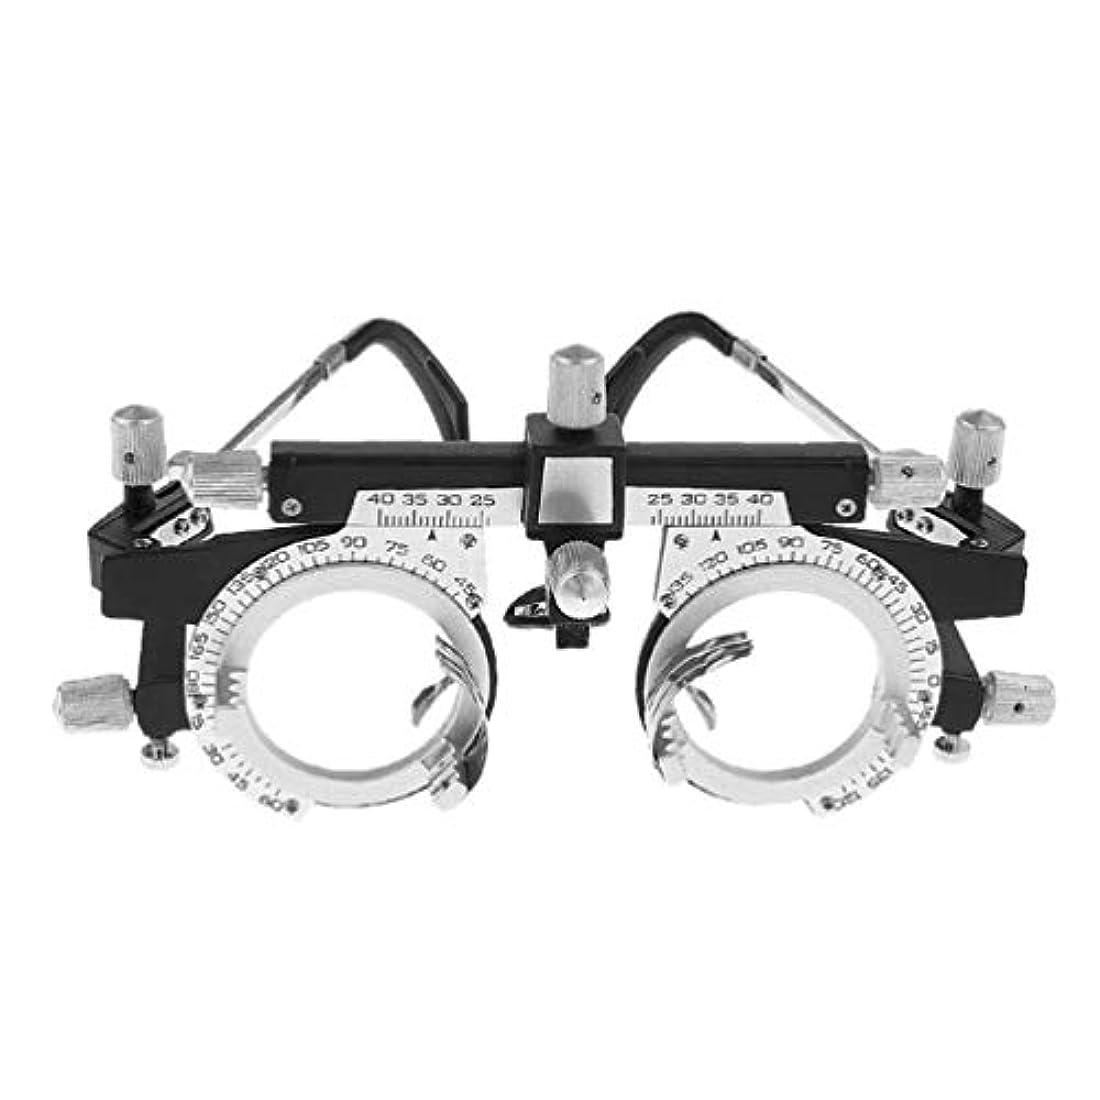 ブレンド持つチェリー調節可能なプロフェッショナルアイウェア検眼メタルフレーム光学オプティクストライアルレンズメタルフレームPDメガネアクセサリー - シルバー&ブラック